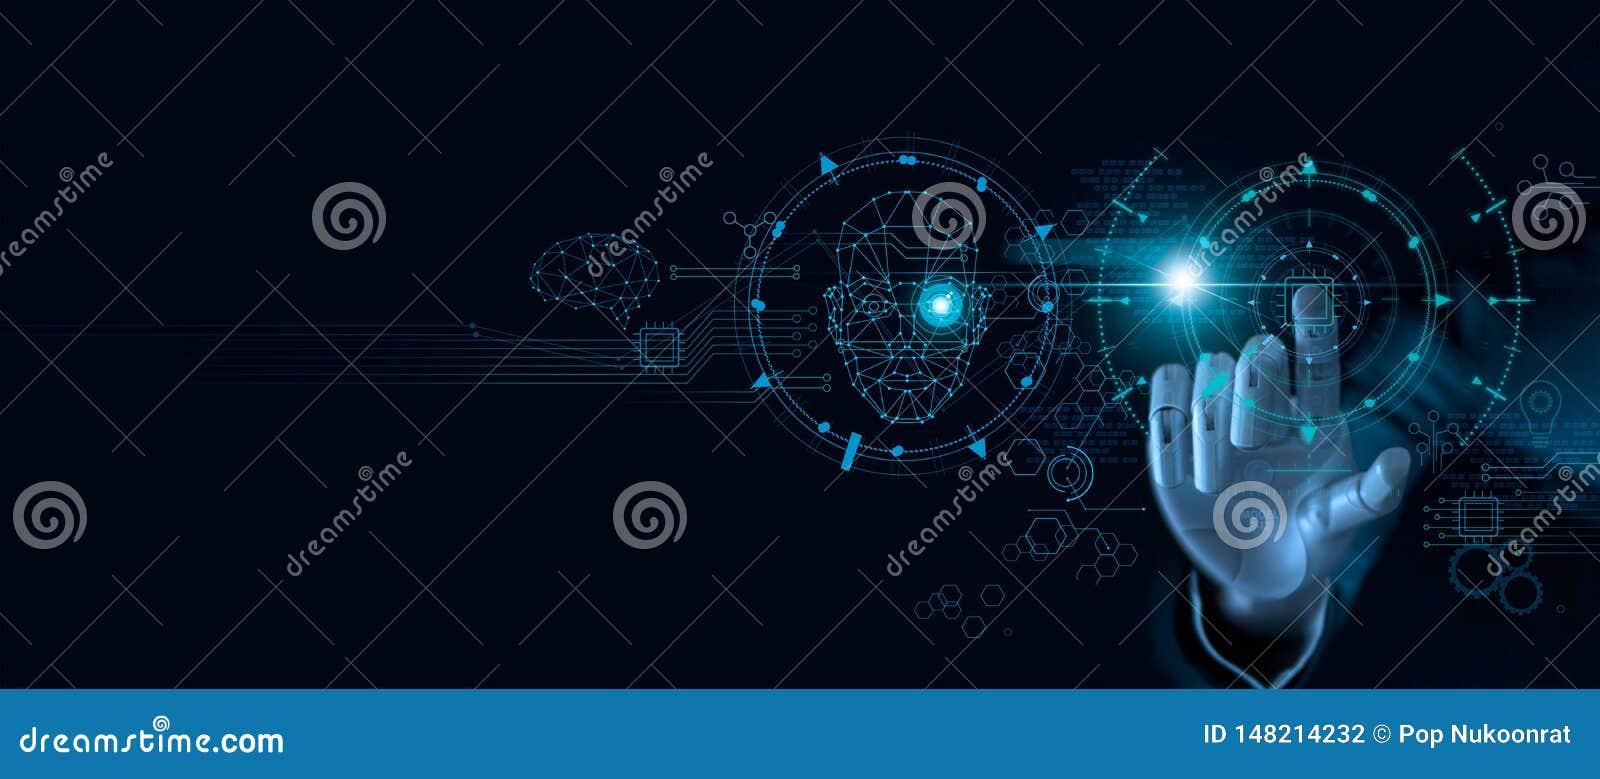 Машинное обучение Рука робота касаясь на компьютерной микросхеме и двоичных данных Футуристический искусственный интеллект AI